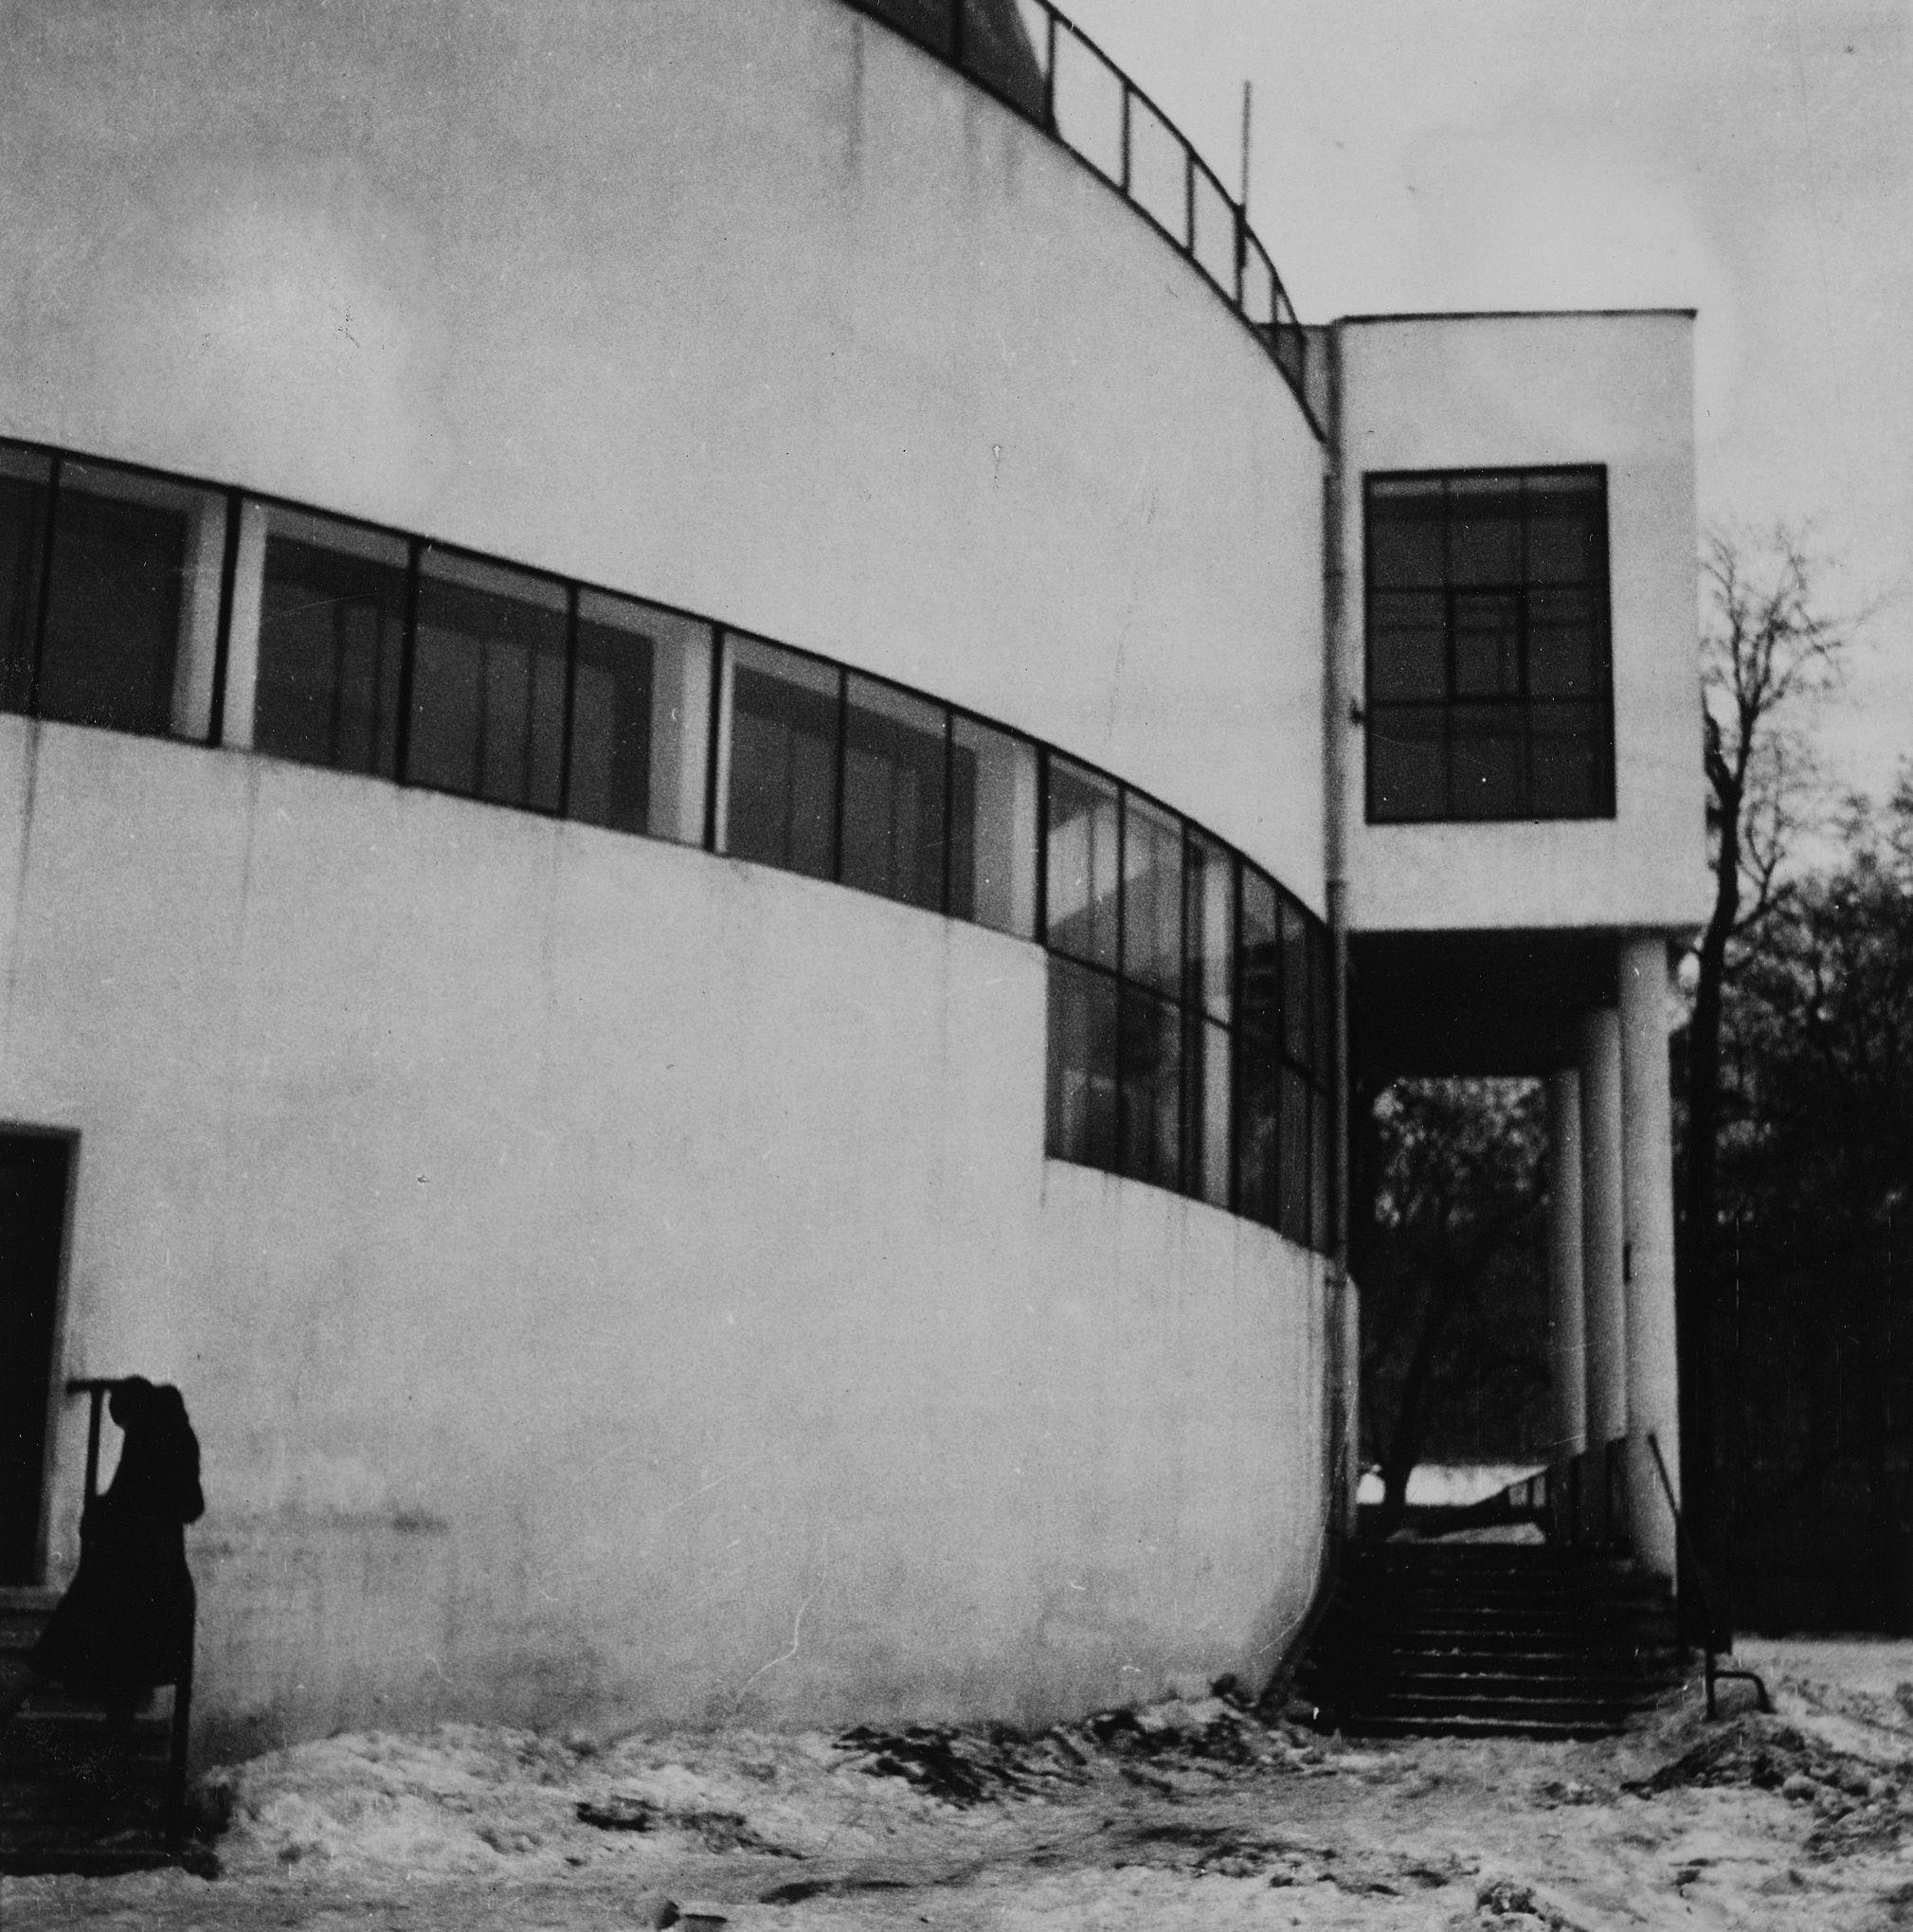 Robert Byron, the planetarium in Moscow, Architects - Barshch, Mikhail (Osipovich) Sinyavski, M.I. 1929